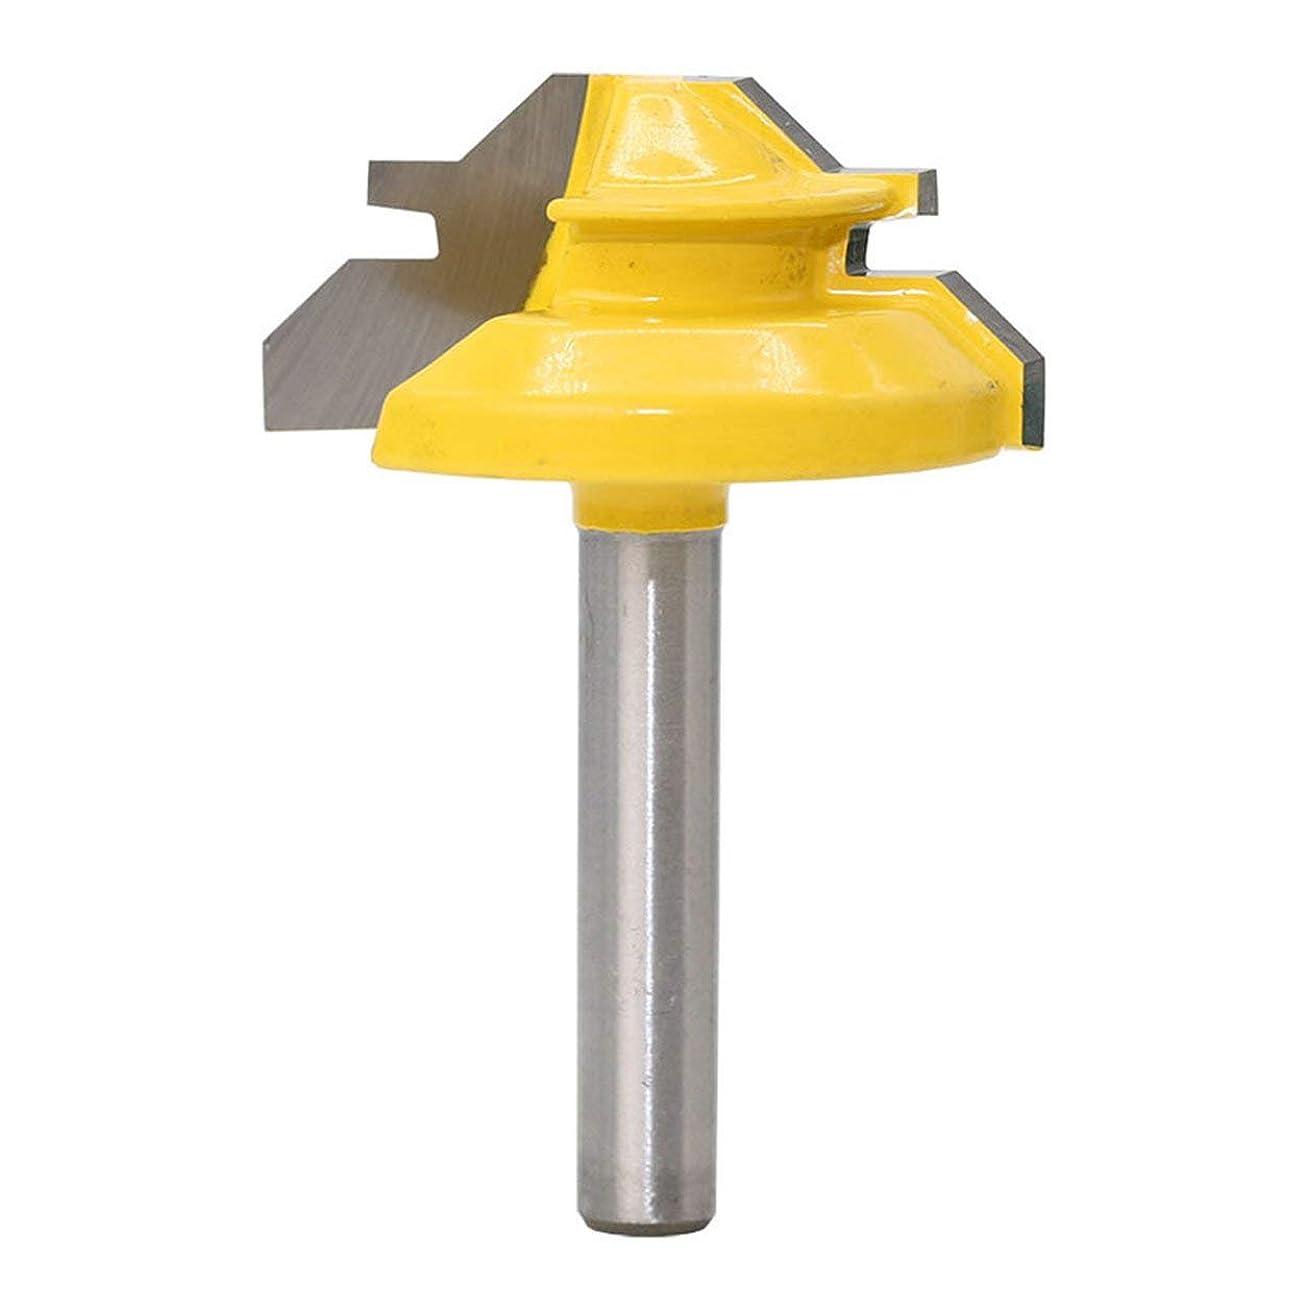 生産性種類五月Saikogoods 1/4インチ 45度テノンナイフ1/4×1-3 / 8 框指 関節接着ルータービット コーンテノン木工 キャビネットドアカッター 黄